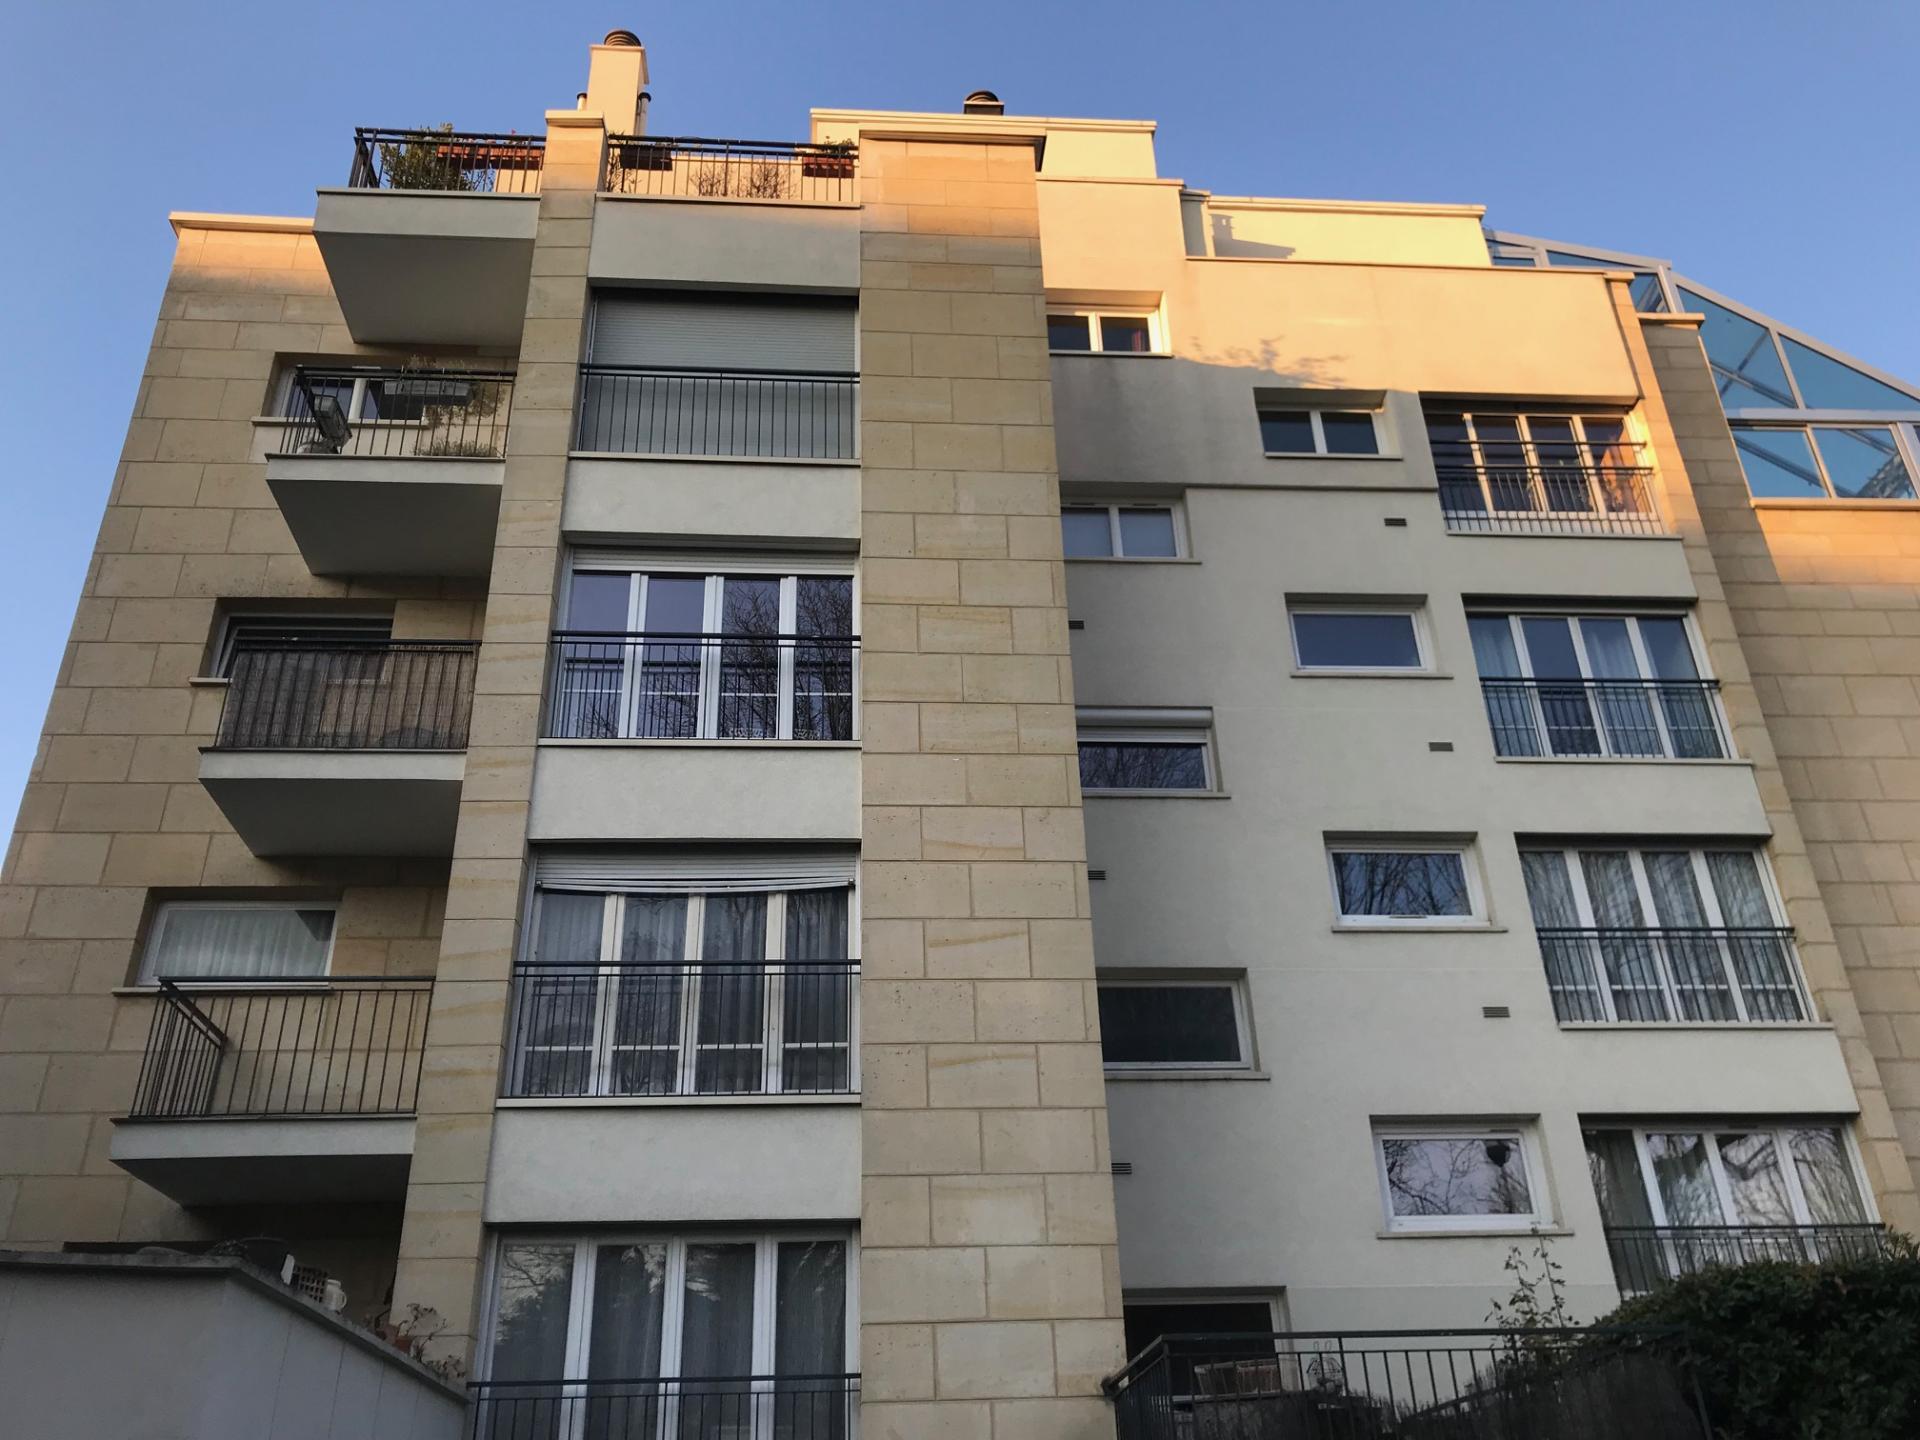 MEUDON BELLEVUE - APPARTEMENT 2 PIECES (possibilité 2ème chambre)